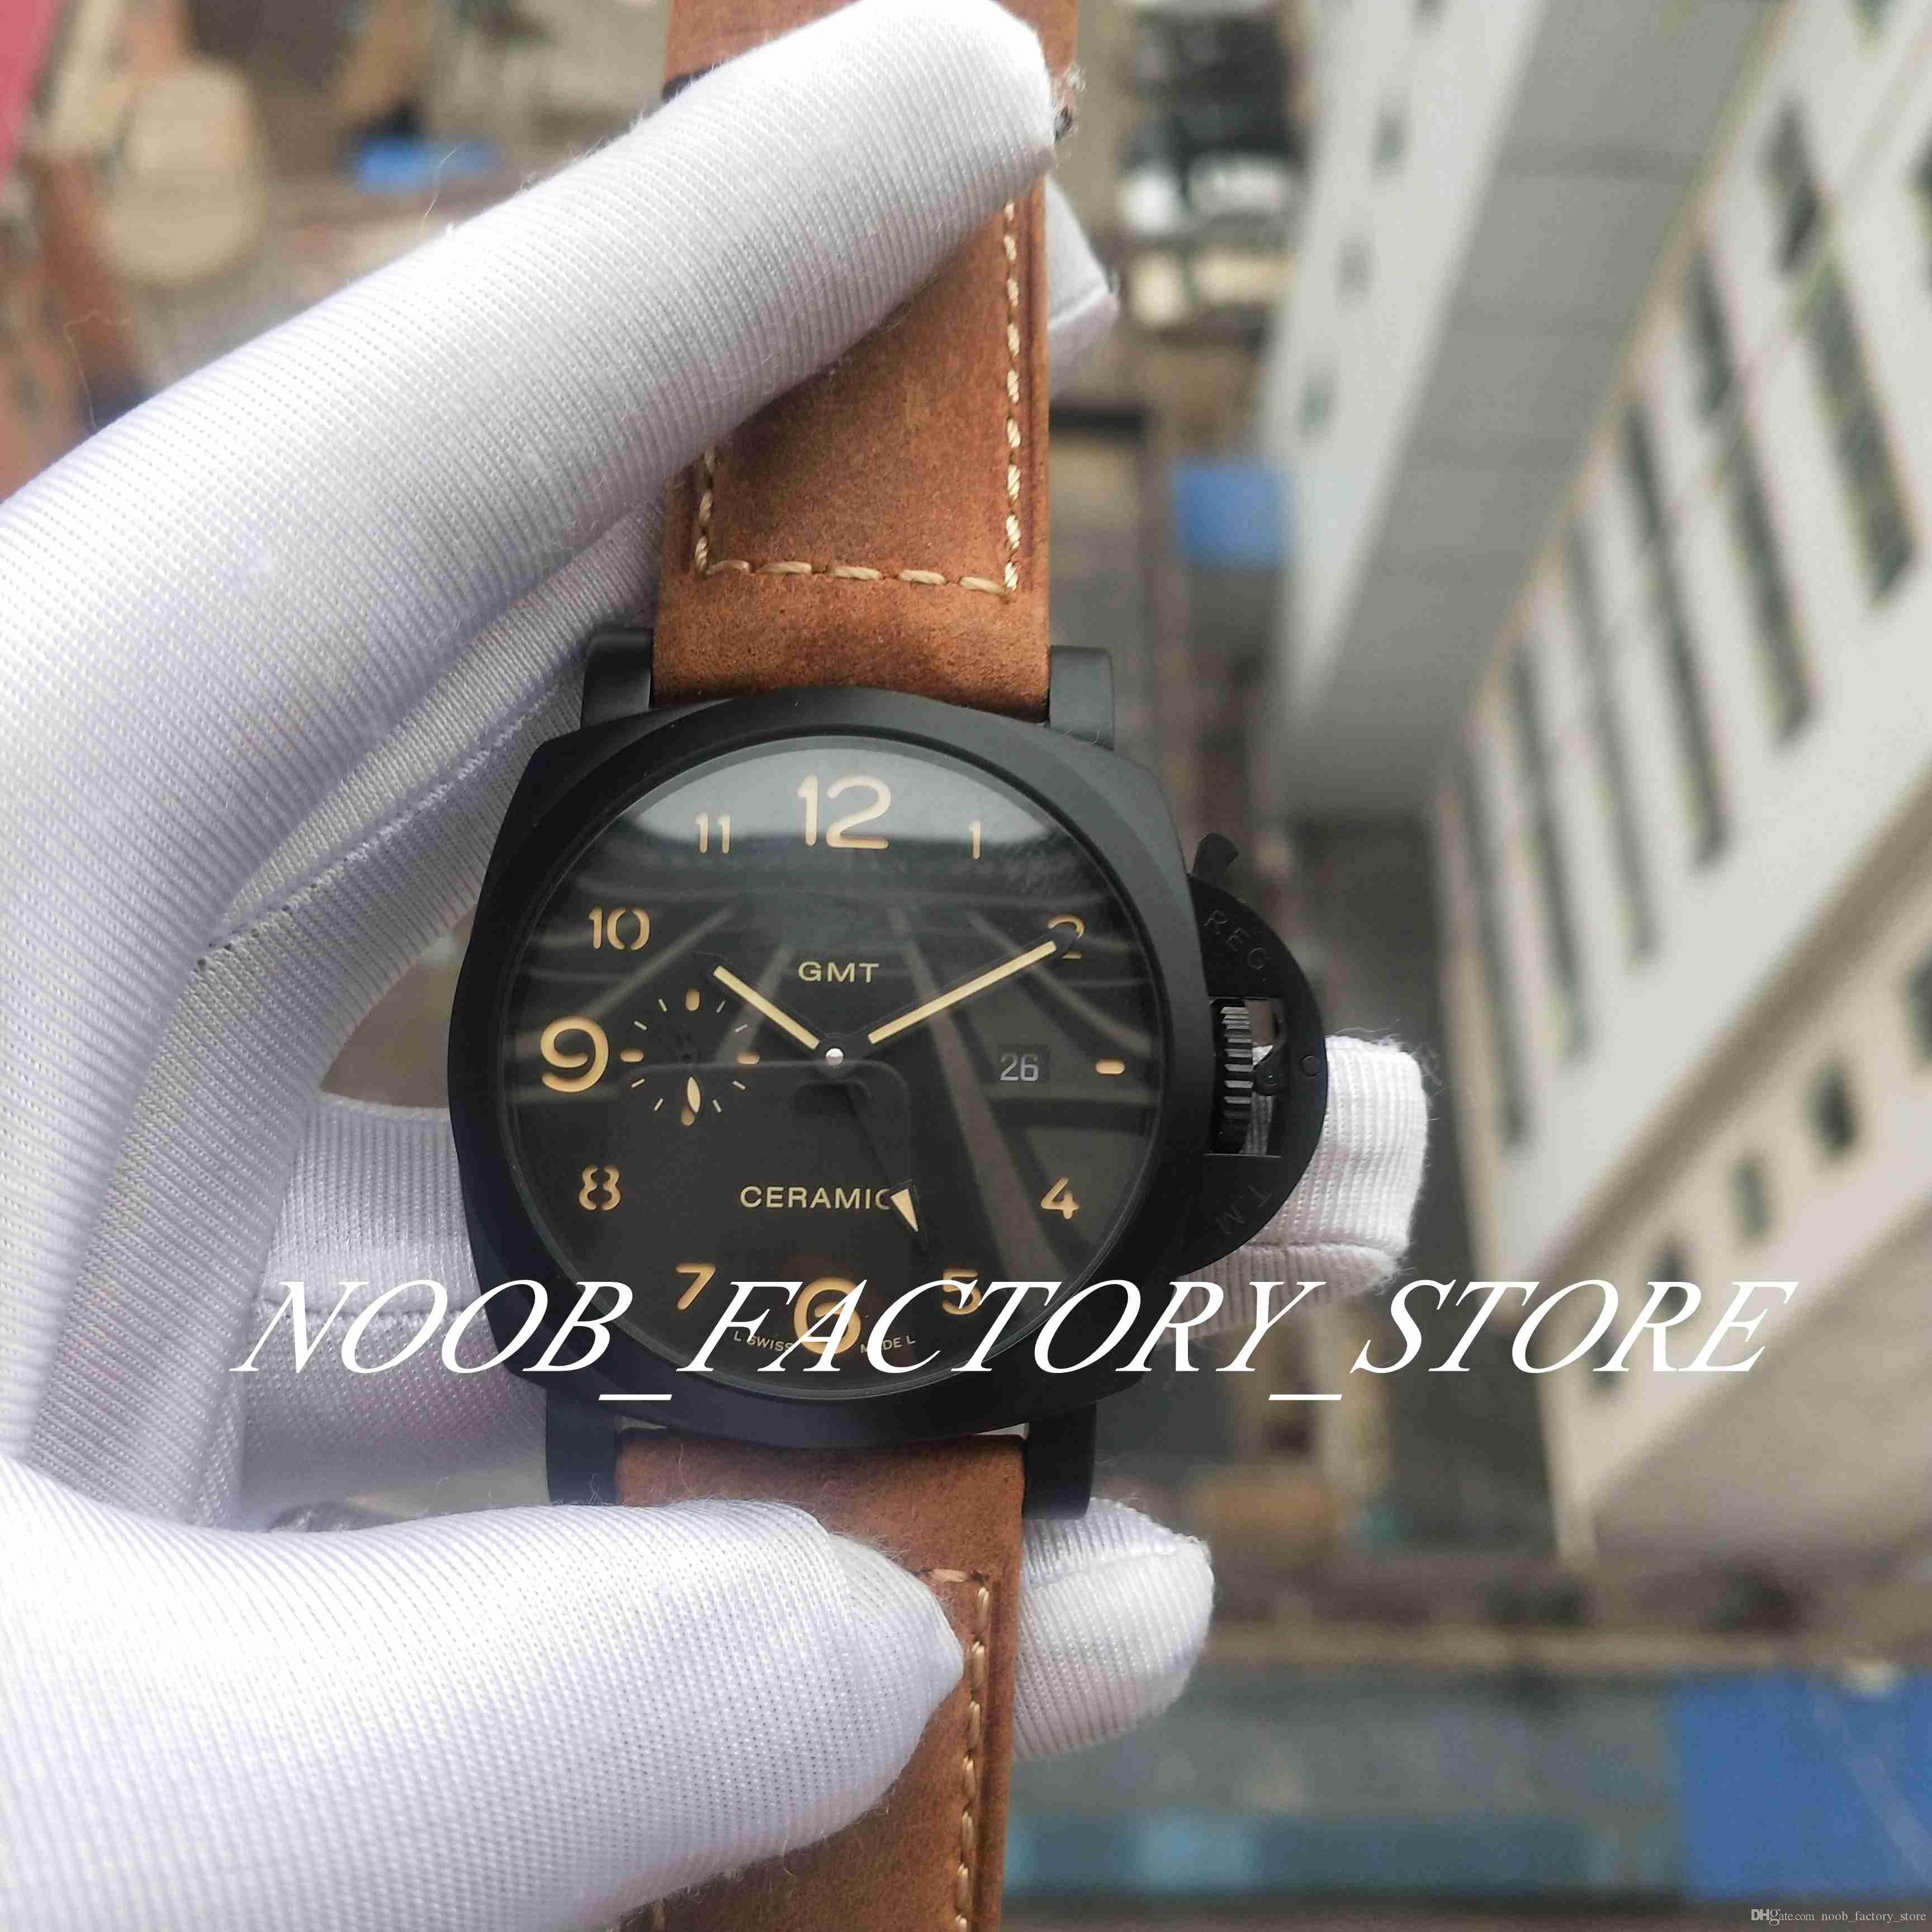 مصنع جديد حقيقي صور ووتش 44 ملليمتر الوجه الأسود براون حزام سوبر 1950 ص 441 التلقائي حركة أزياء رجالي الساعات مع أوريينا مربع